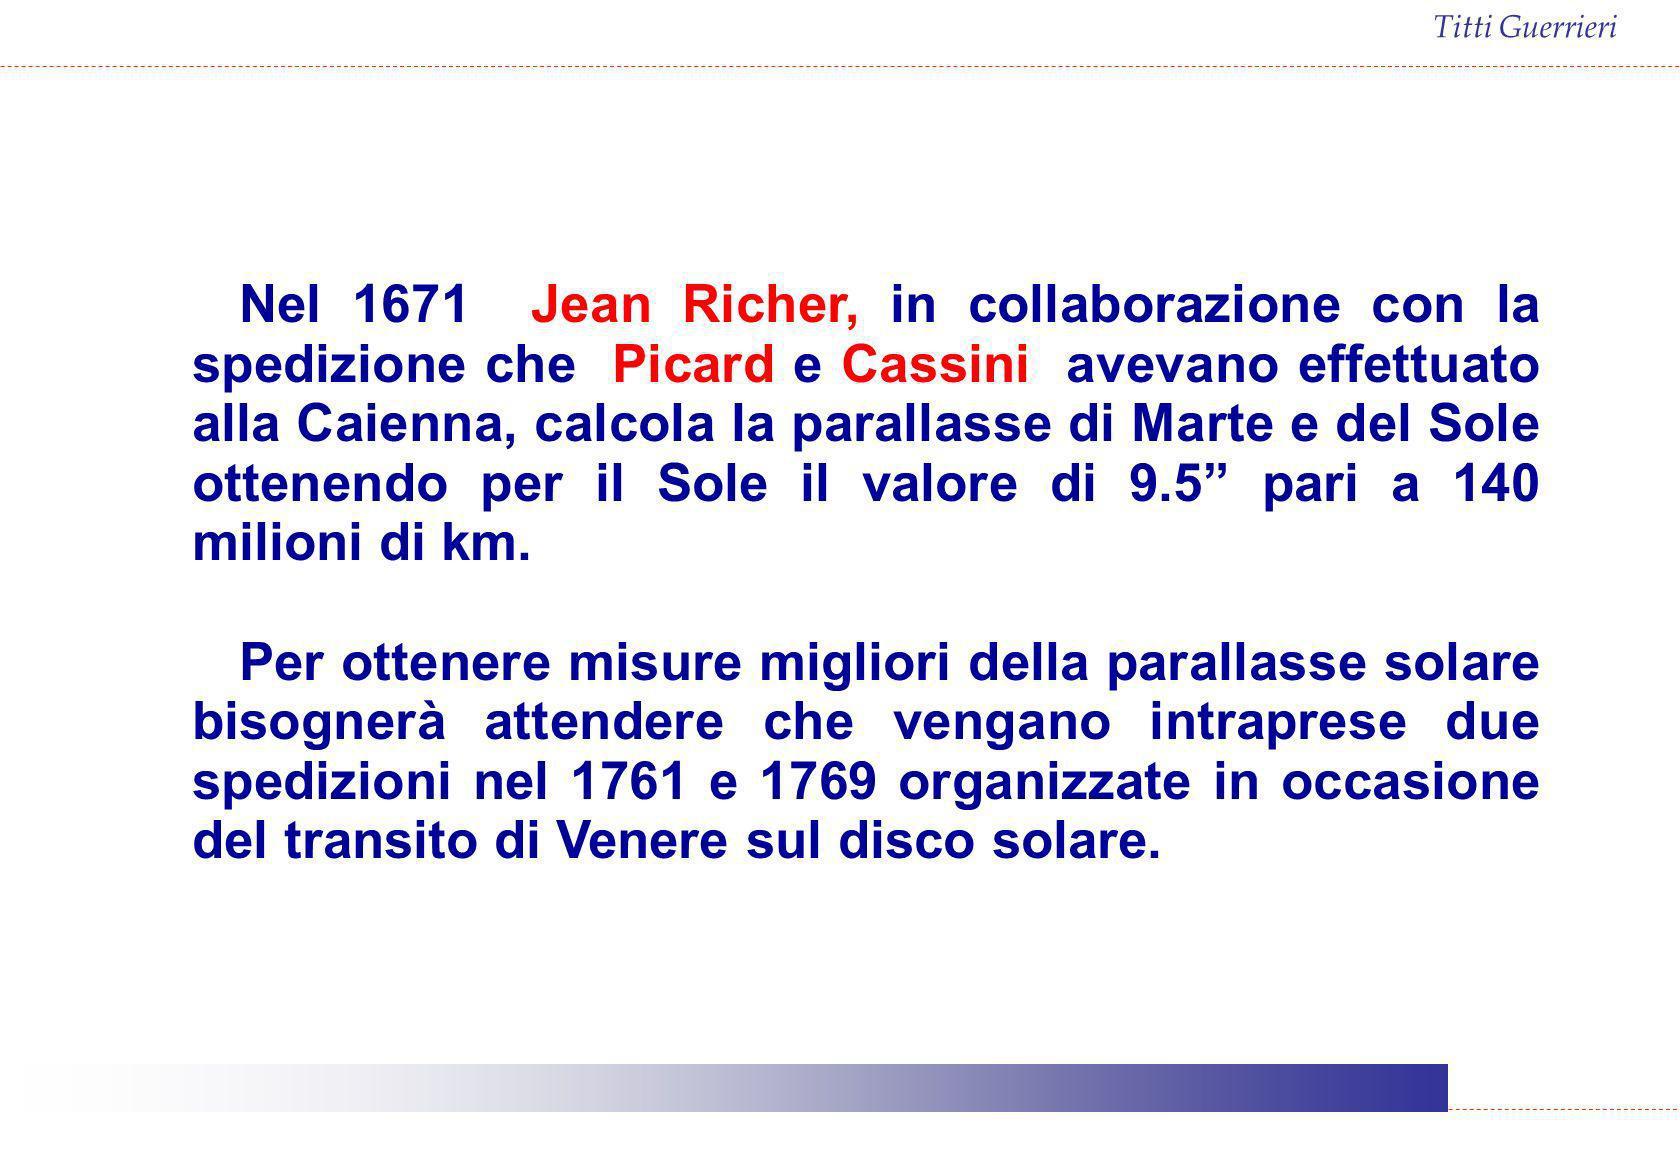 Nel 1671 Jean Richer, in collaborazione con la spedizione che Picard e Cassini avevano effettuato alla Caienna, calcola la parallasse di Marte e del Sole ottenendo per il Sole il valore di 9.5 pari a 140 milioni di km.